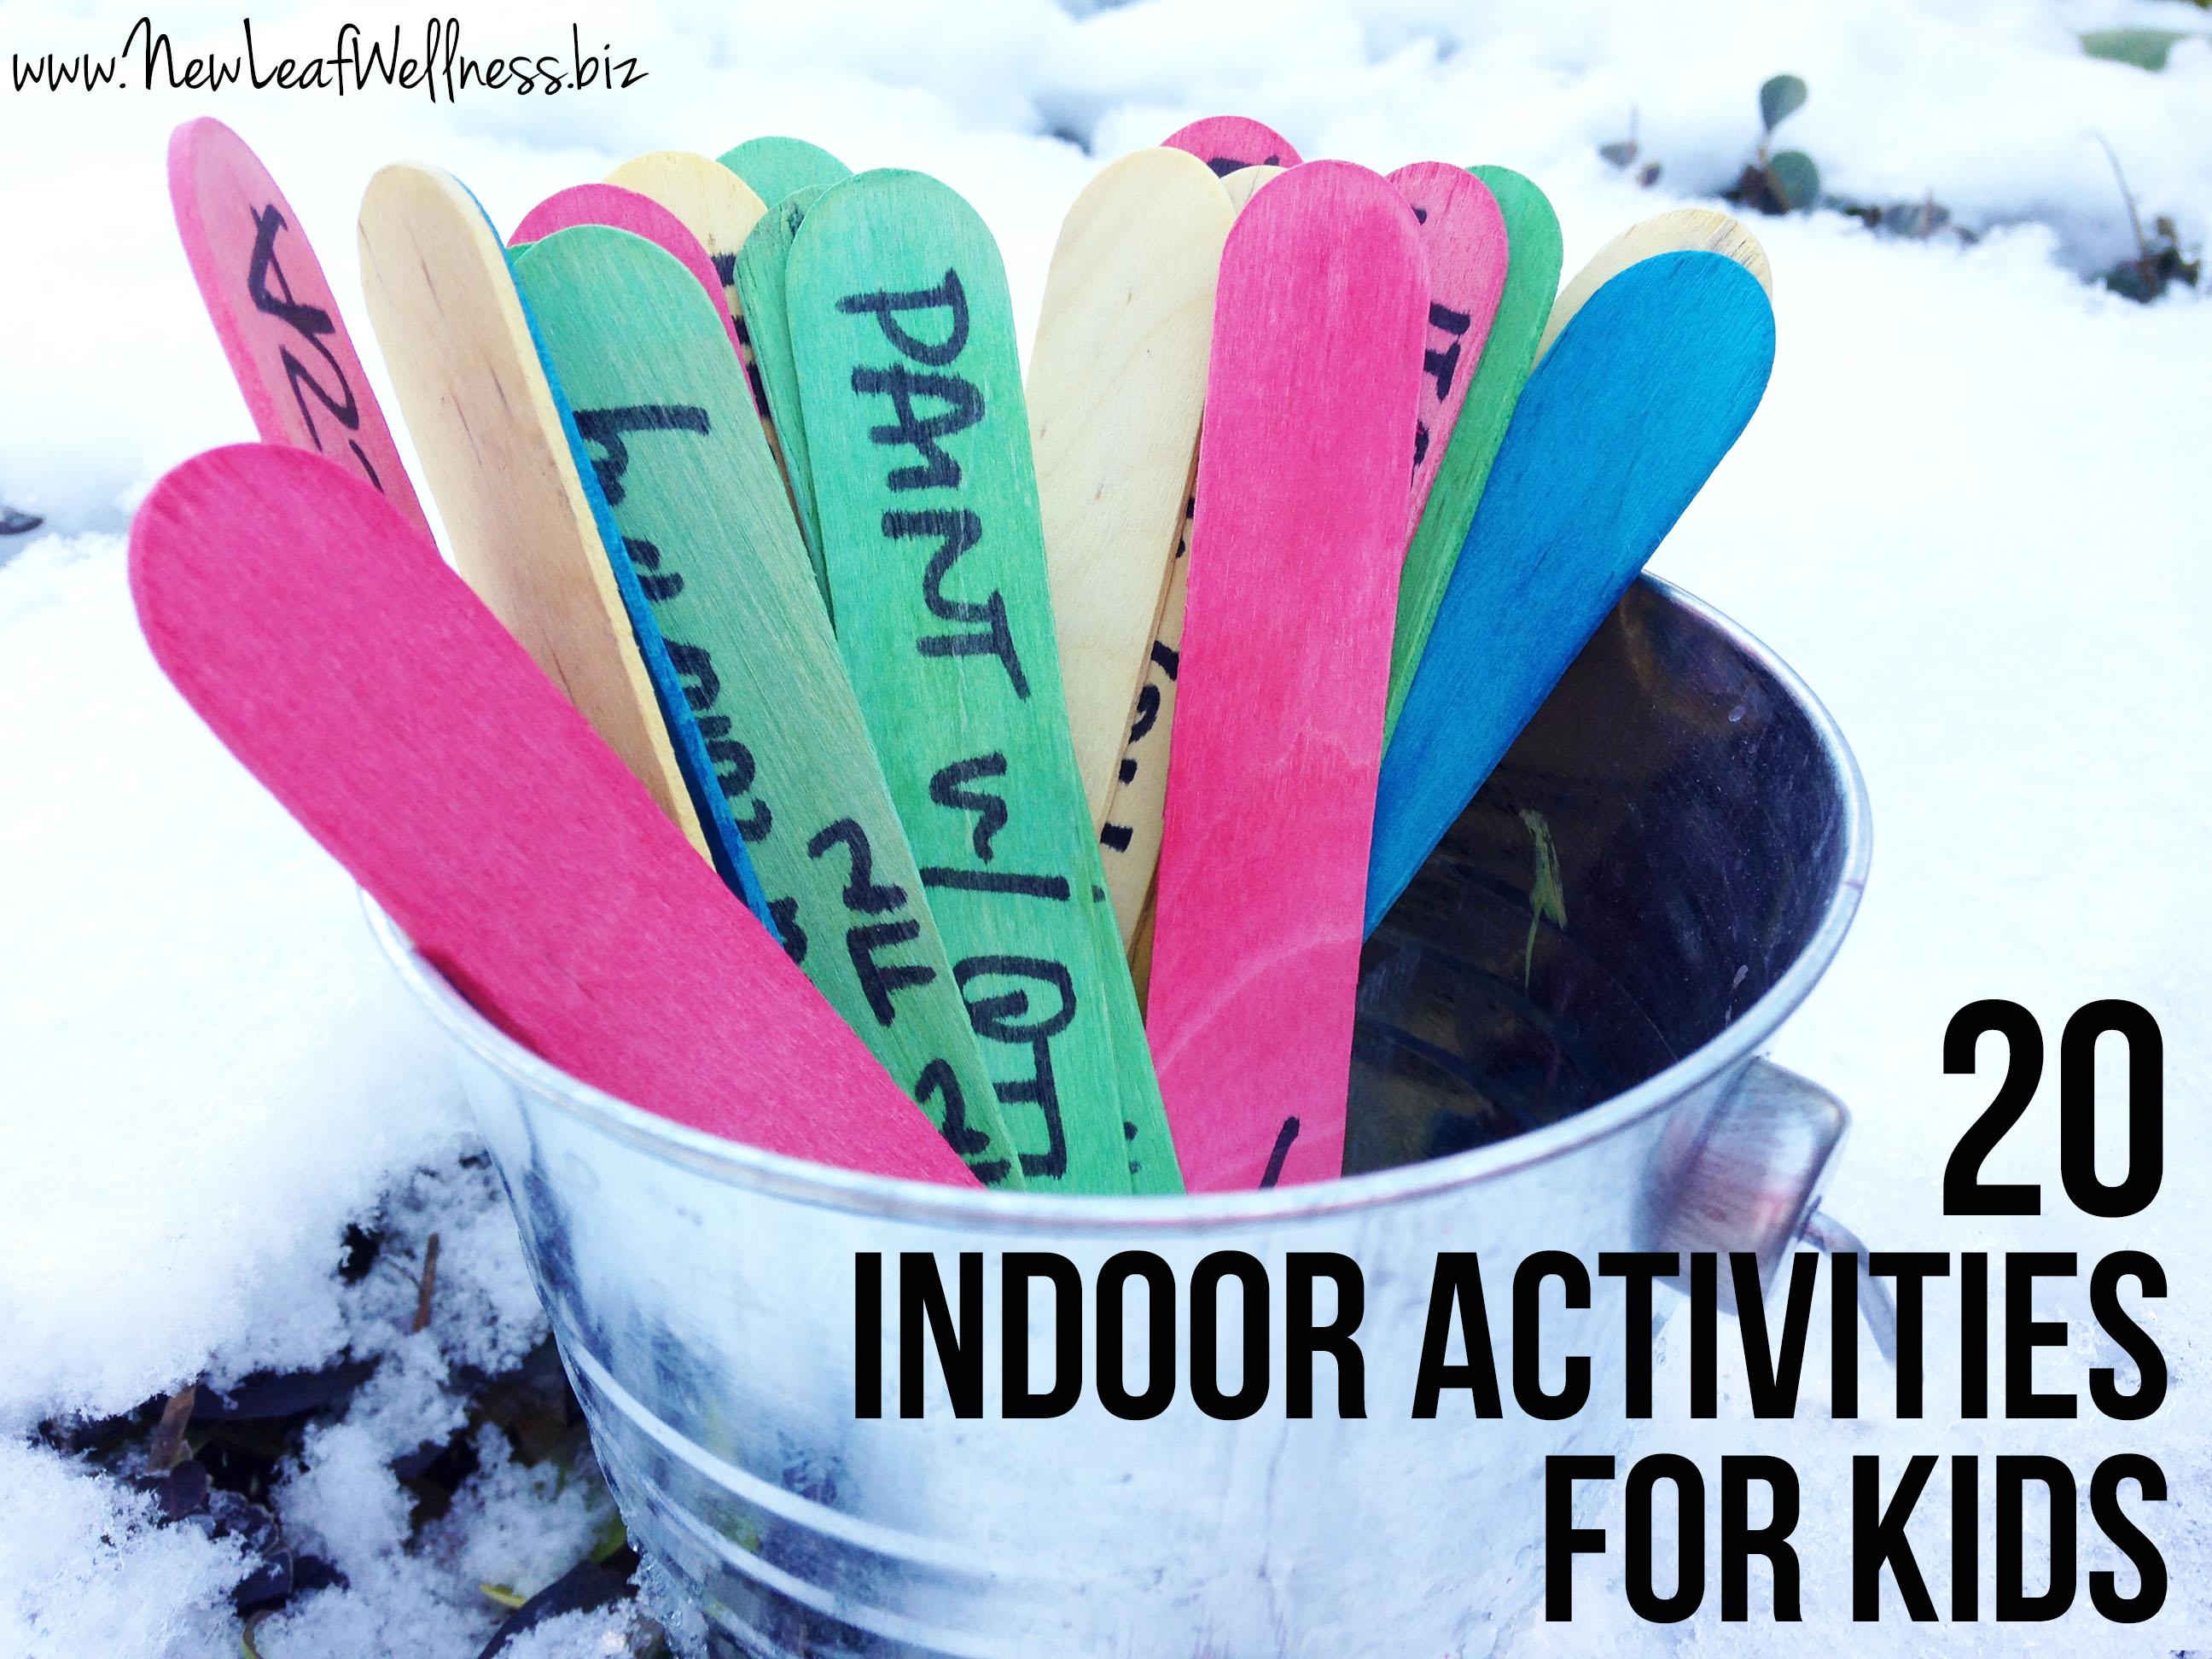 20 Indoor Activities for Kids